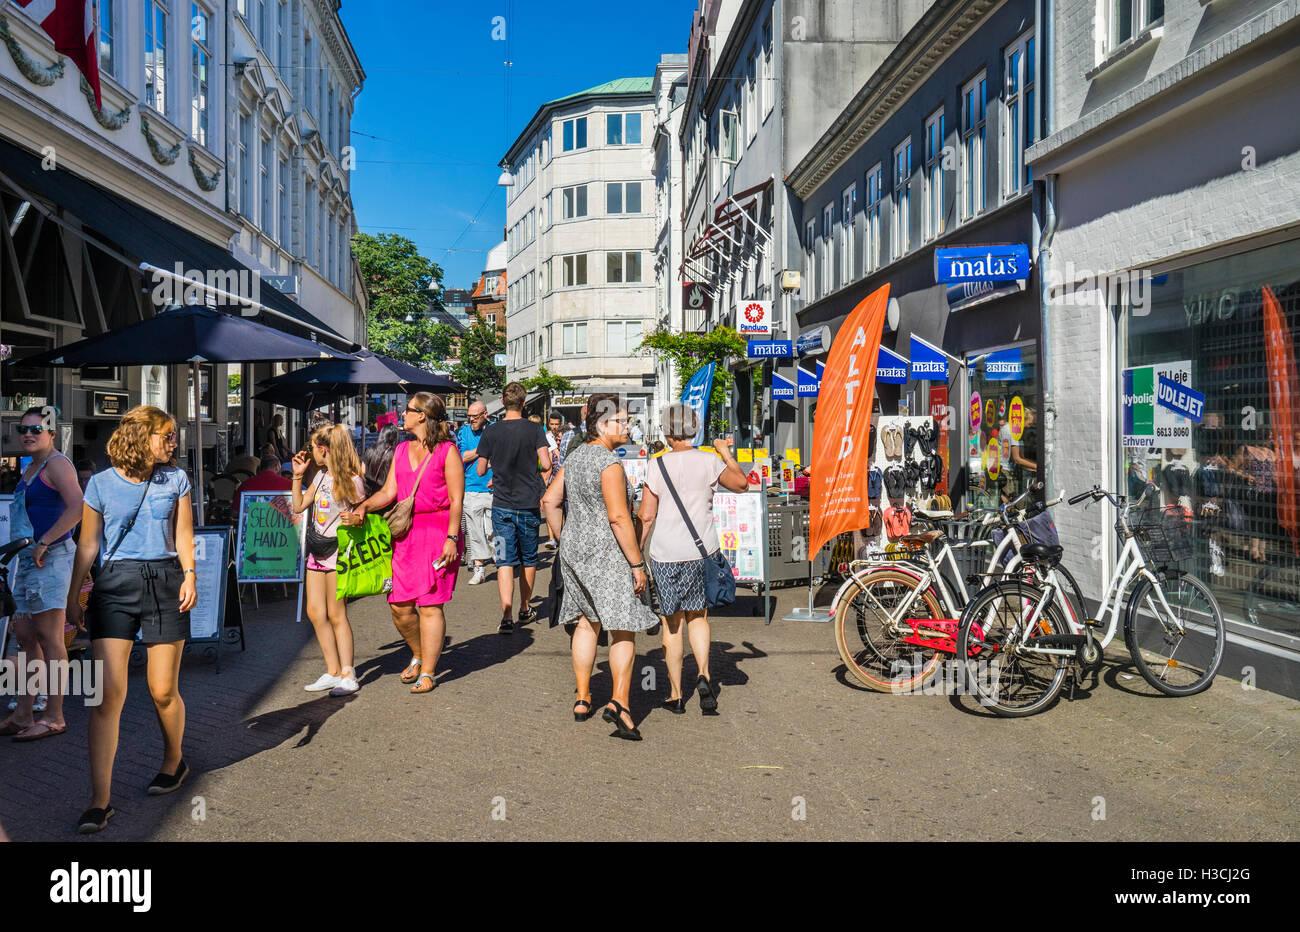 Denmark, Funen, Odense, Vestergade popular pedestrian shopping mall - Stock Image